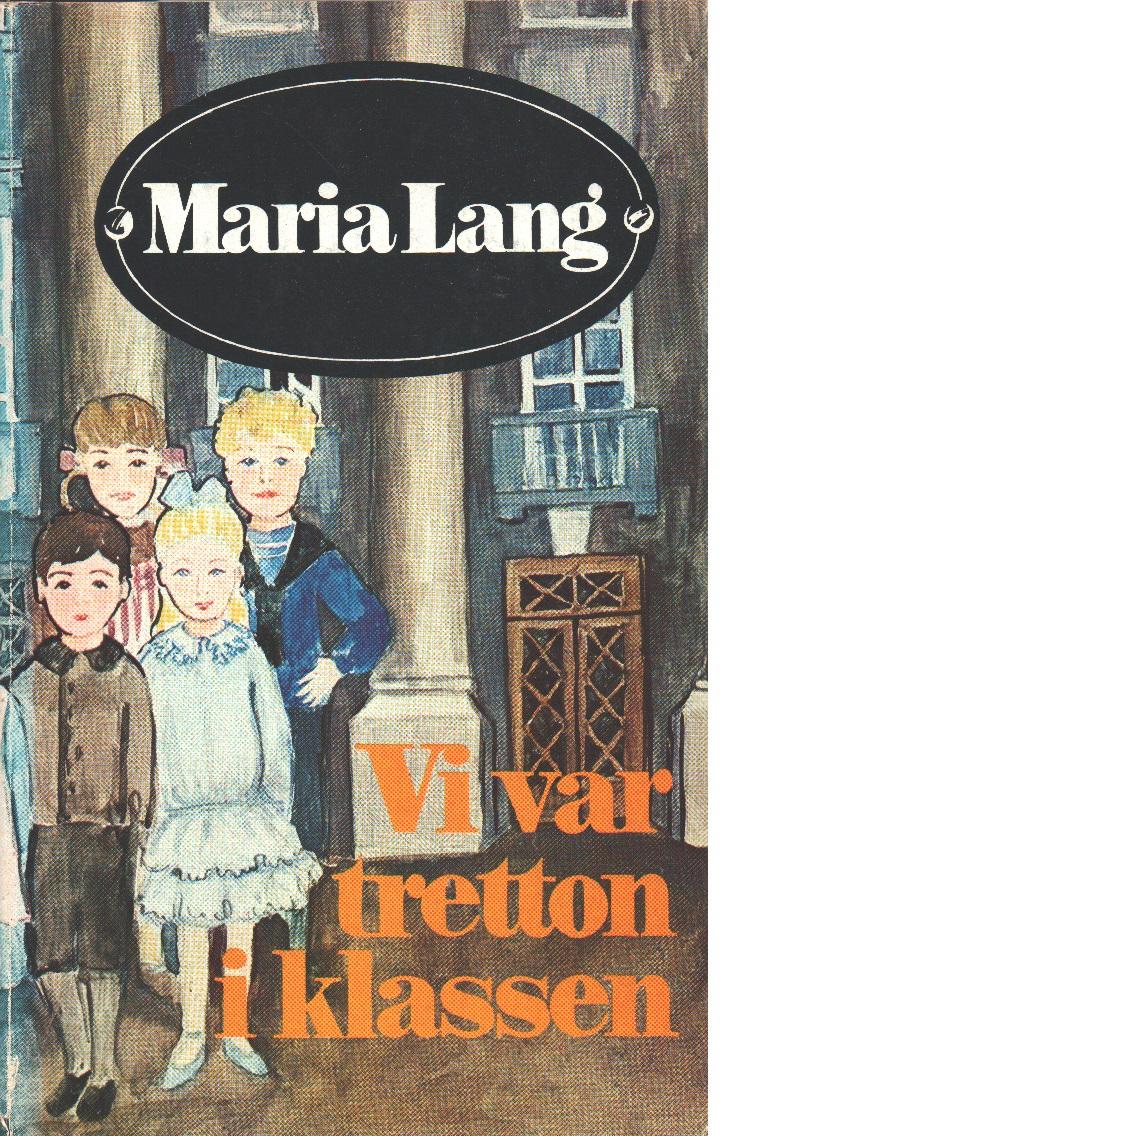 Vi var tretton i klassen - Lang, Maria